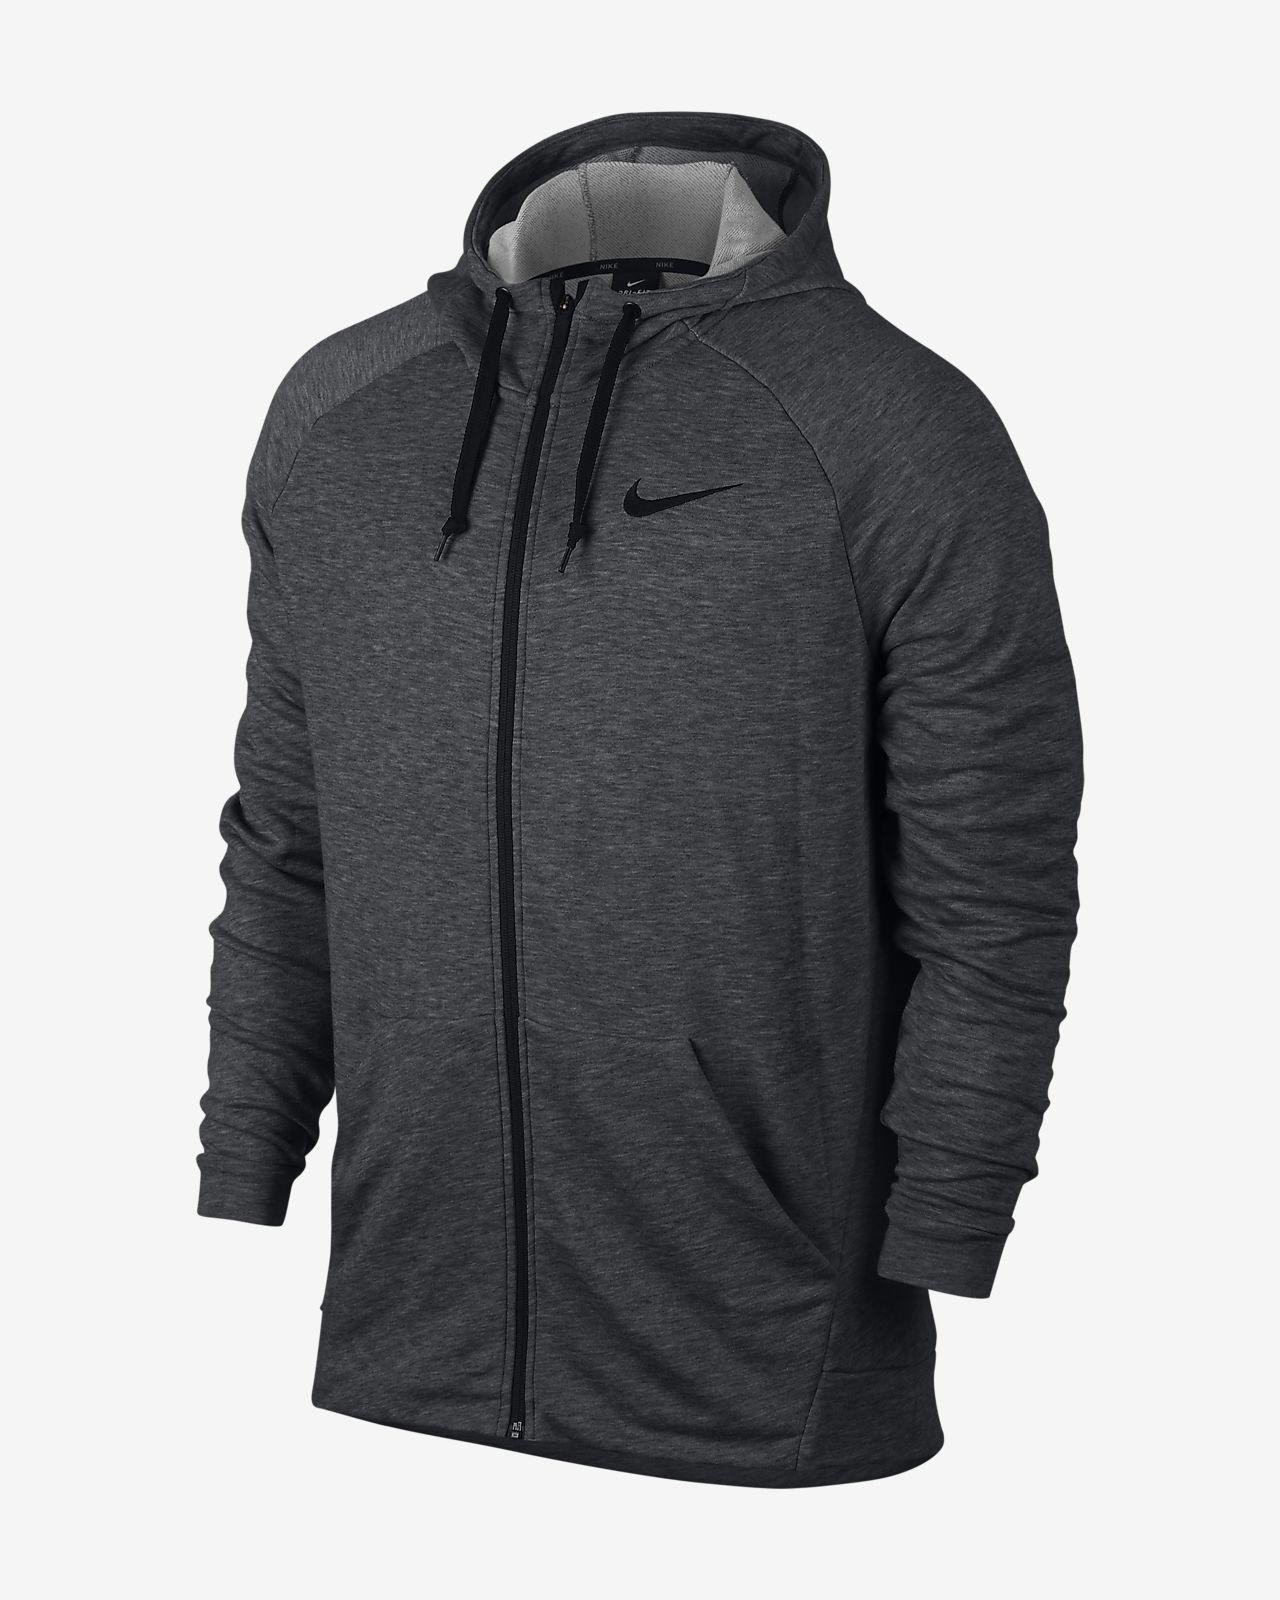 Pánská tréninková mikina s kapucí a zipem v plné délce Nike Dri-FIT